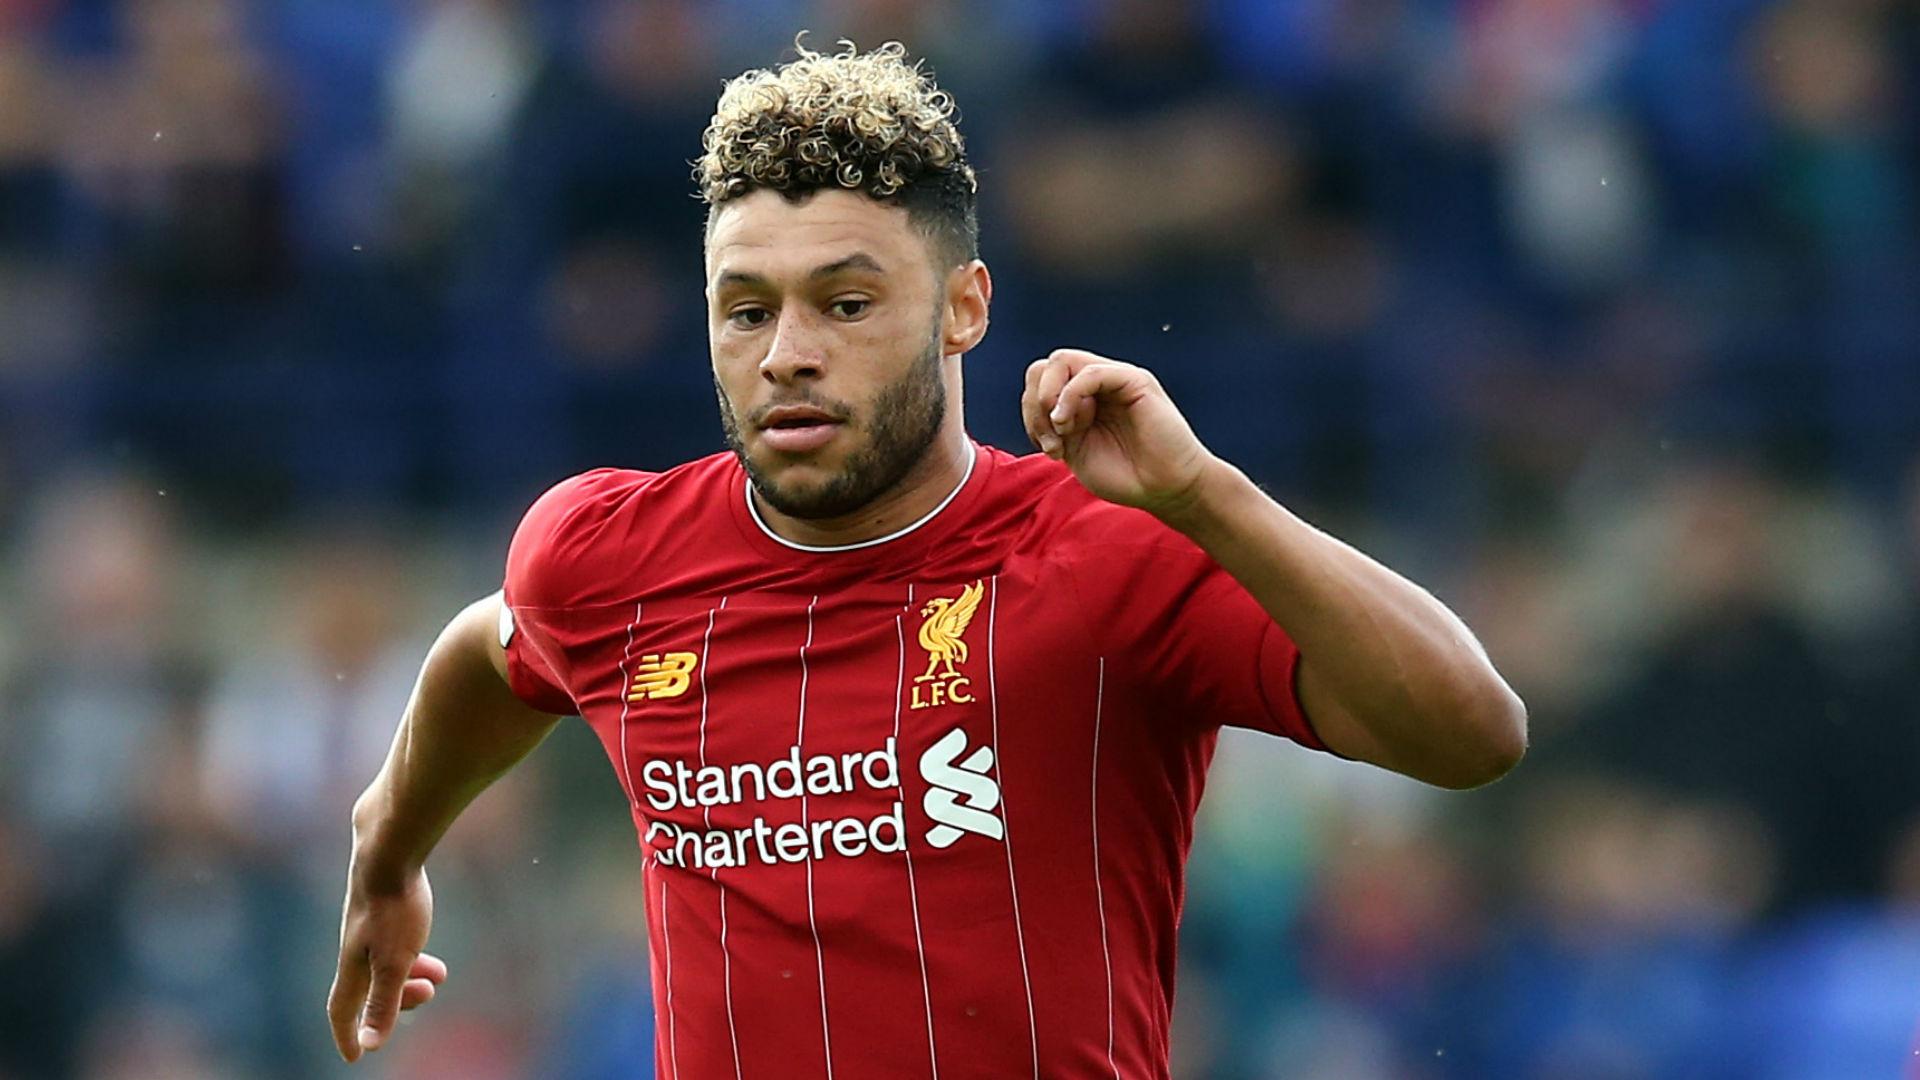 利物浦与张伯伦签长约 续约至2023年